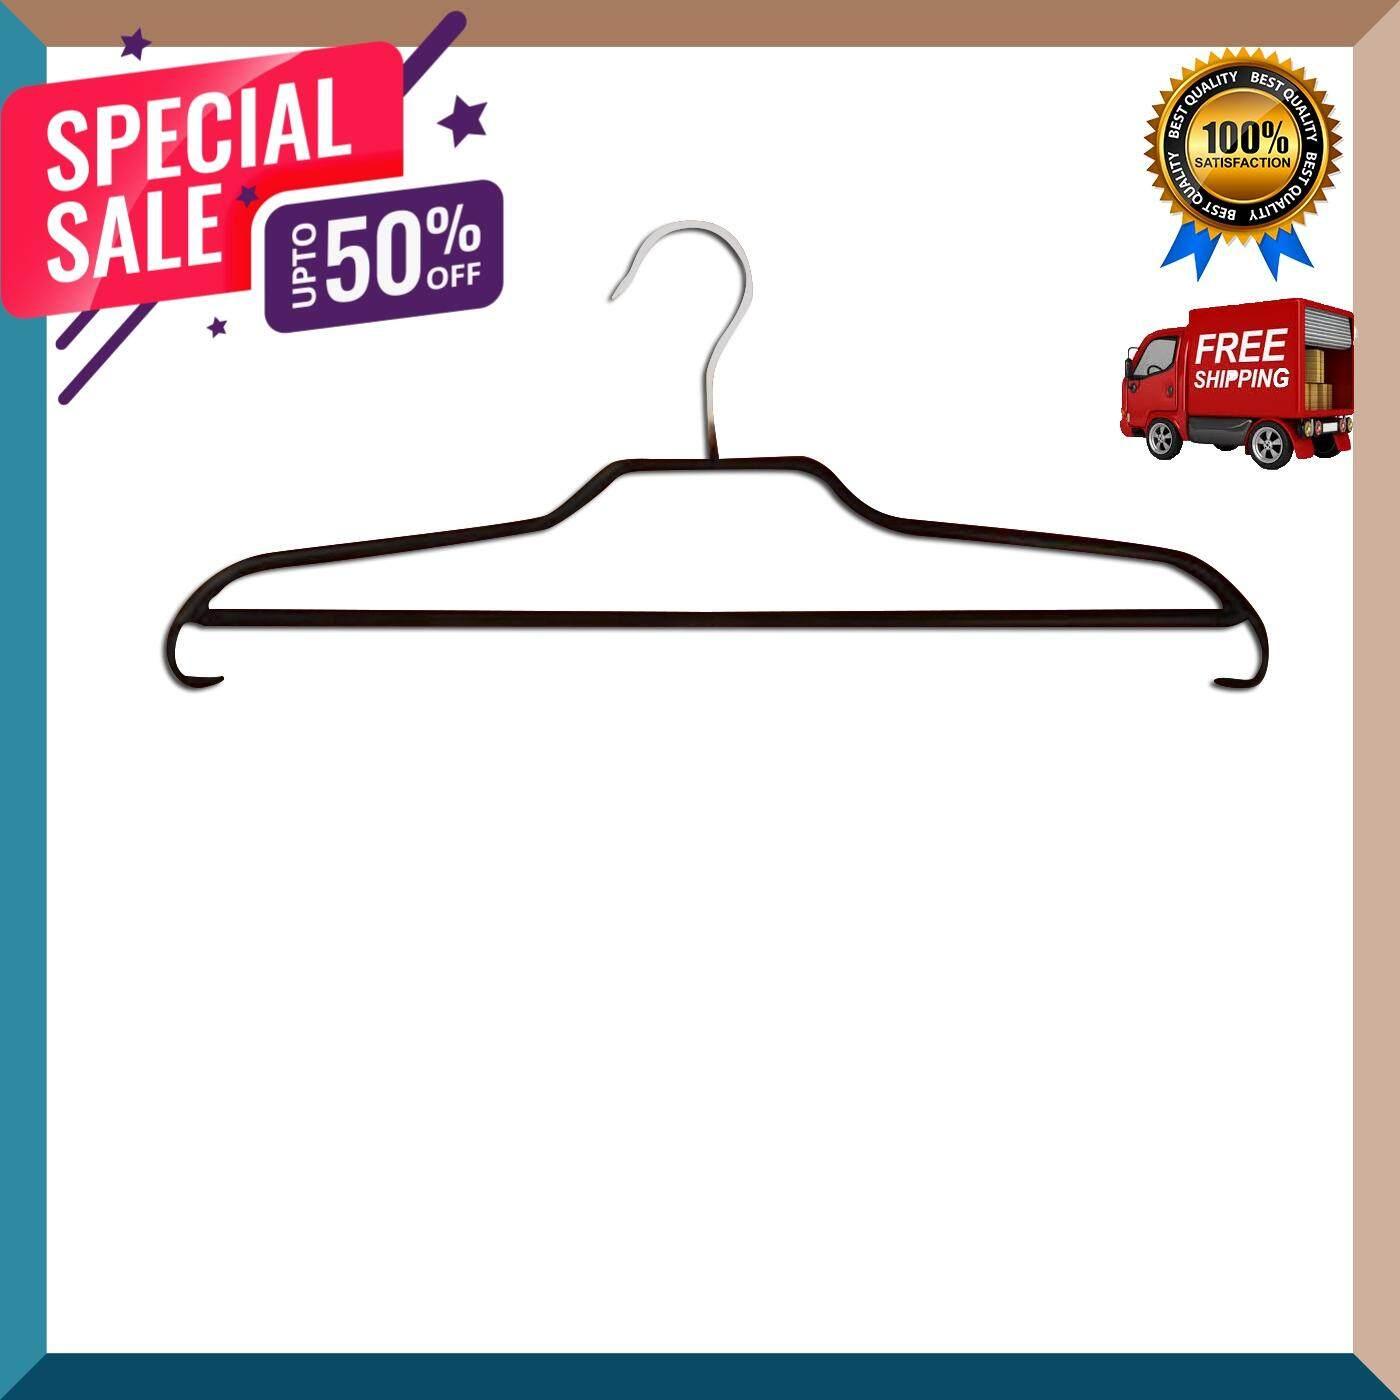 ไม้แขวนอเนกประสงค์ Imex รุ่น Non Slip 319640cm สีดำ อุปกรณ์รีดผ้า ไม้แขวนเสื้อ ดีไซร์สวยงาม ราวตากผ้า จัดส่งฟรี By Gus-Shop.